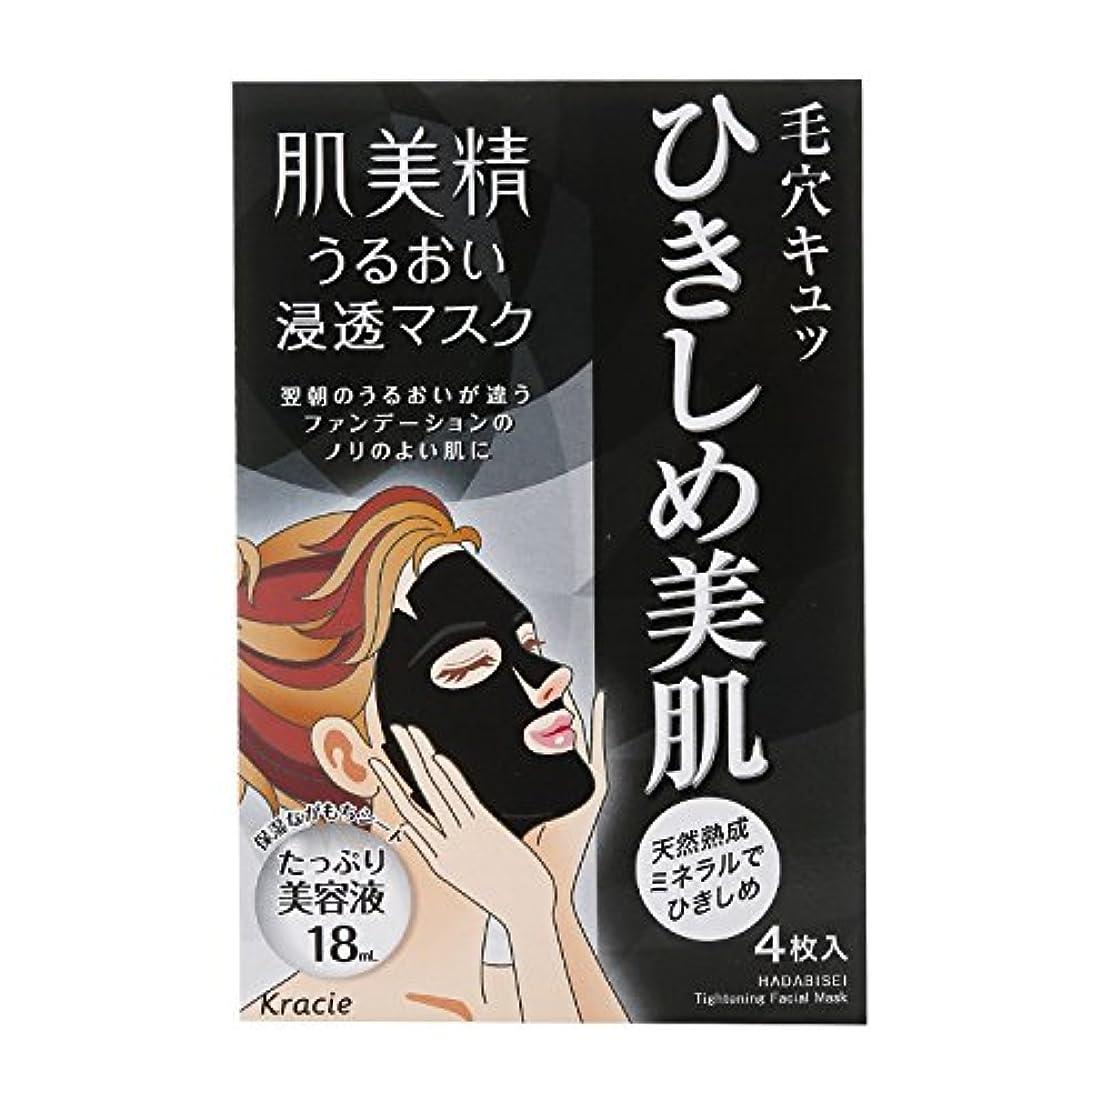 ショップ型不適切な肌美精 うるおい浸透マスク (ひきしめ) 4枚 × 2個